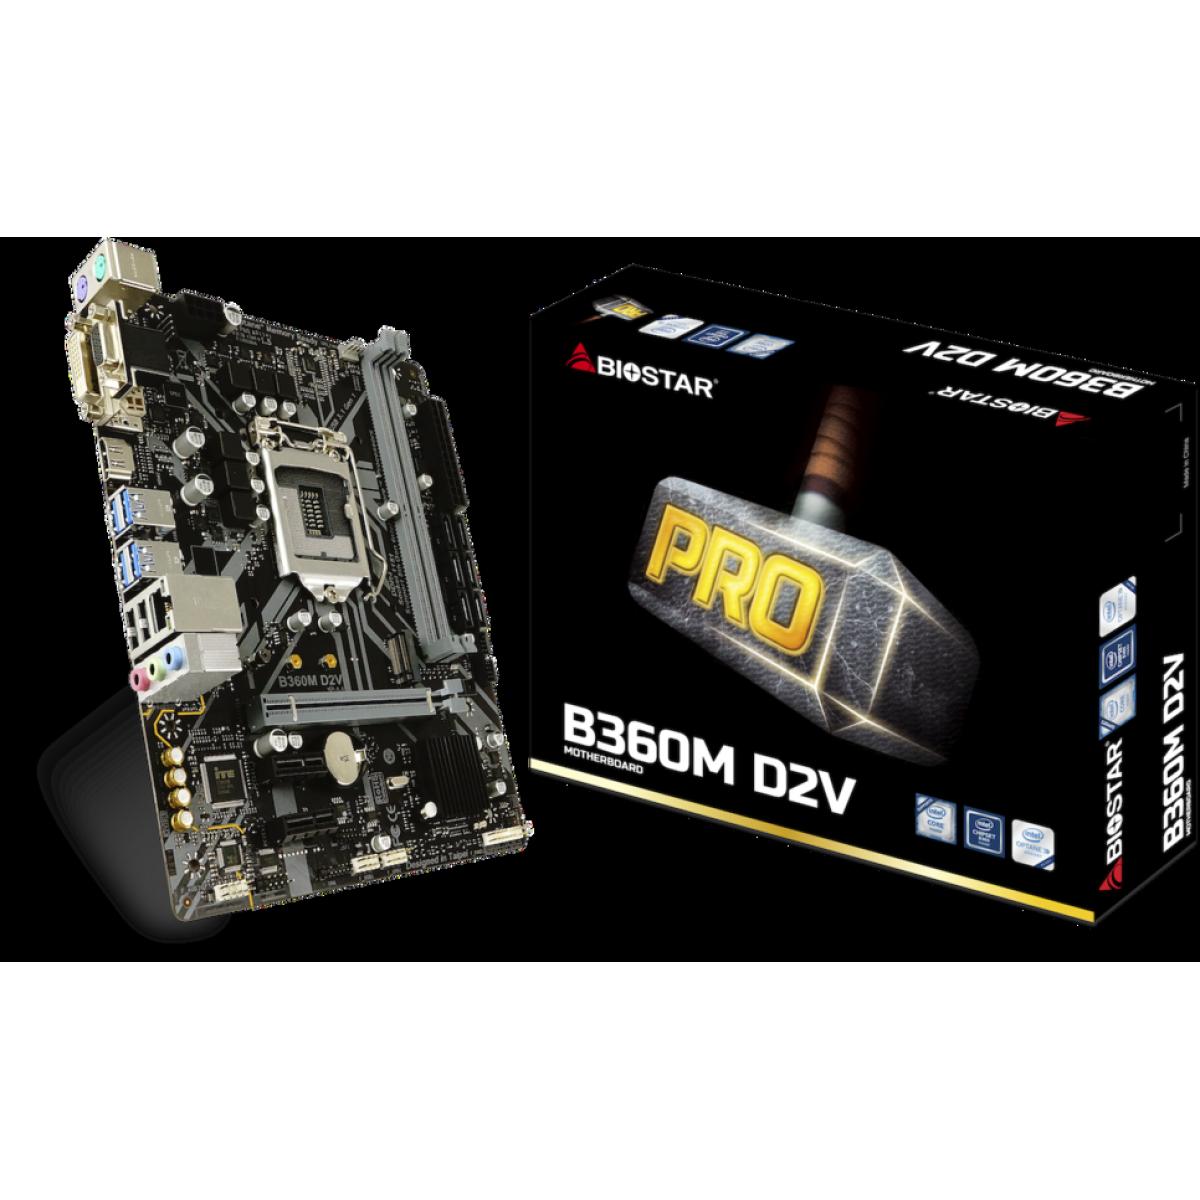 Placa Mãe Biostar B360M D2V, Chipset B360, Intel LGA 1151, mATX, DDR4